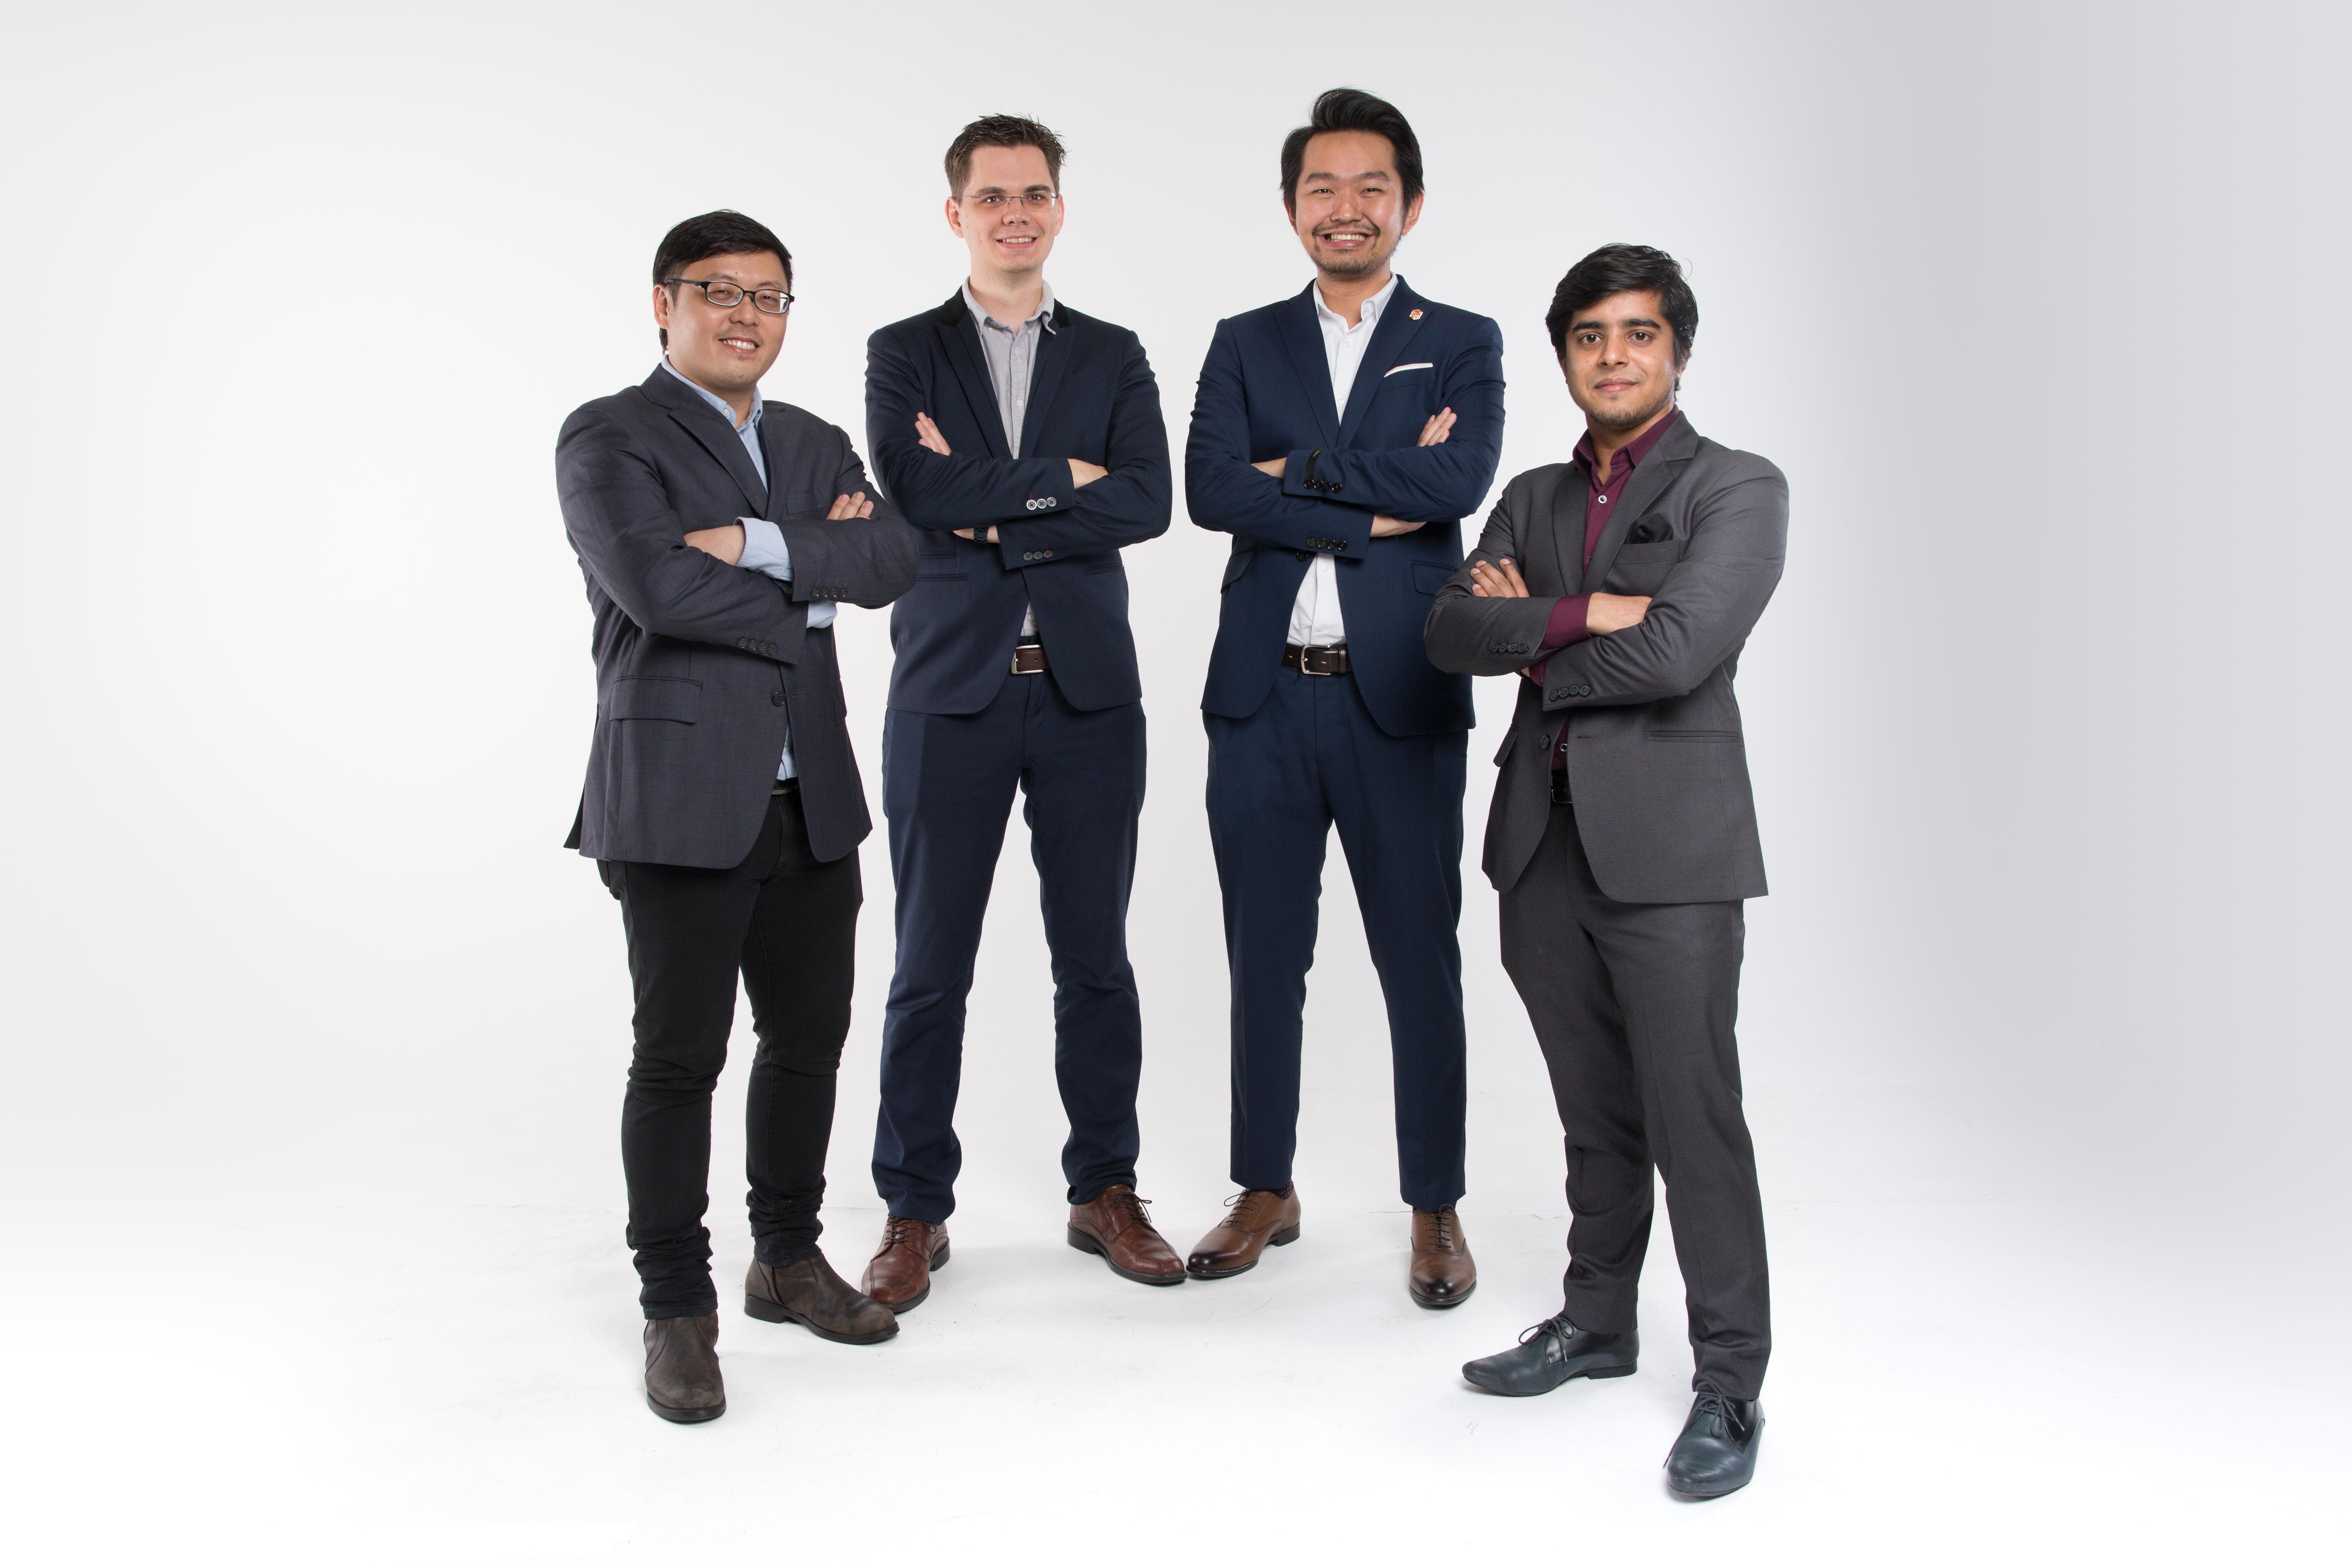 Singapour: Structo3D achève un cycle de financement avec EDBI